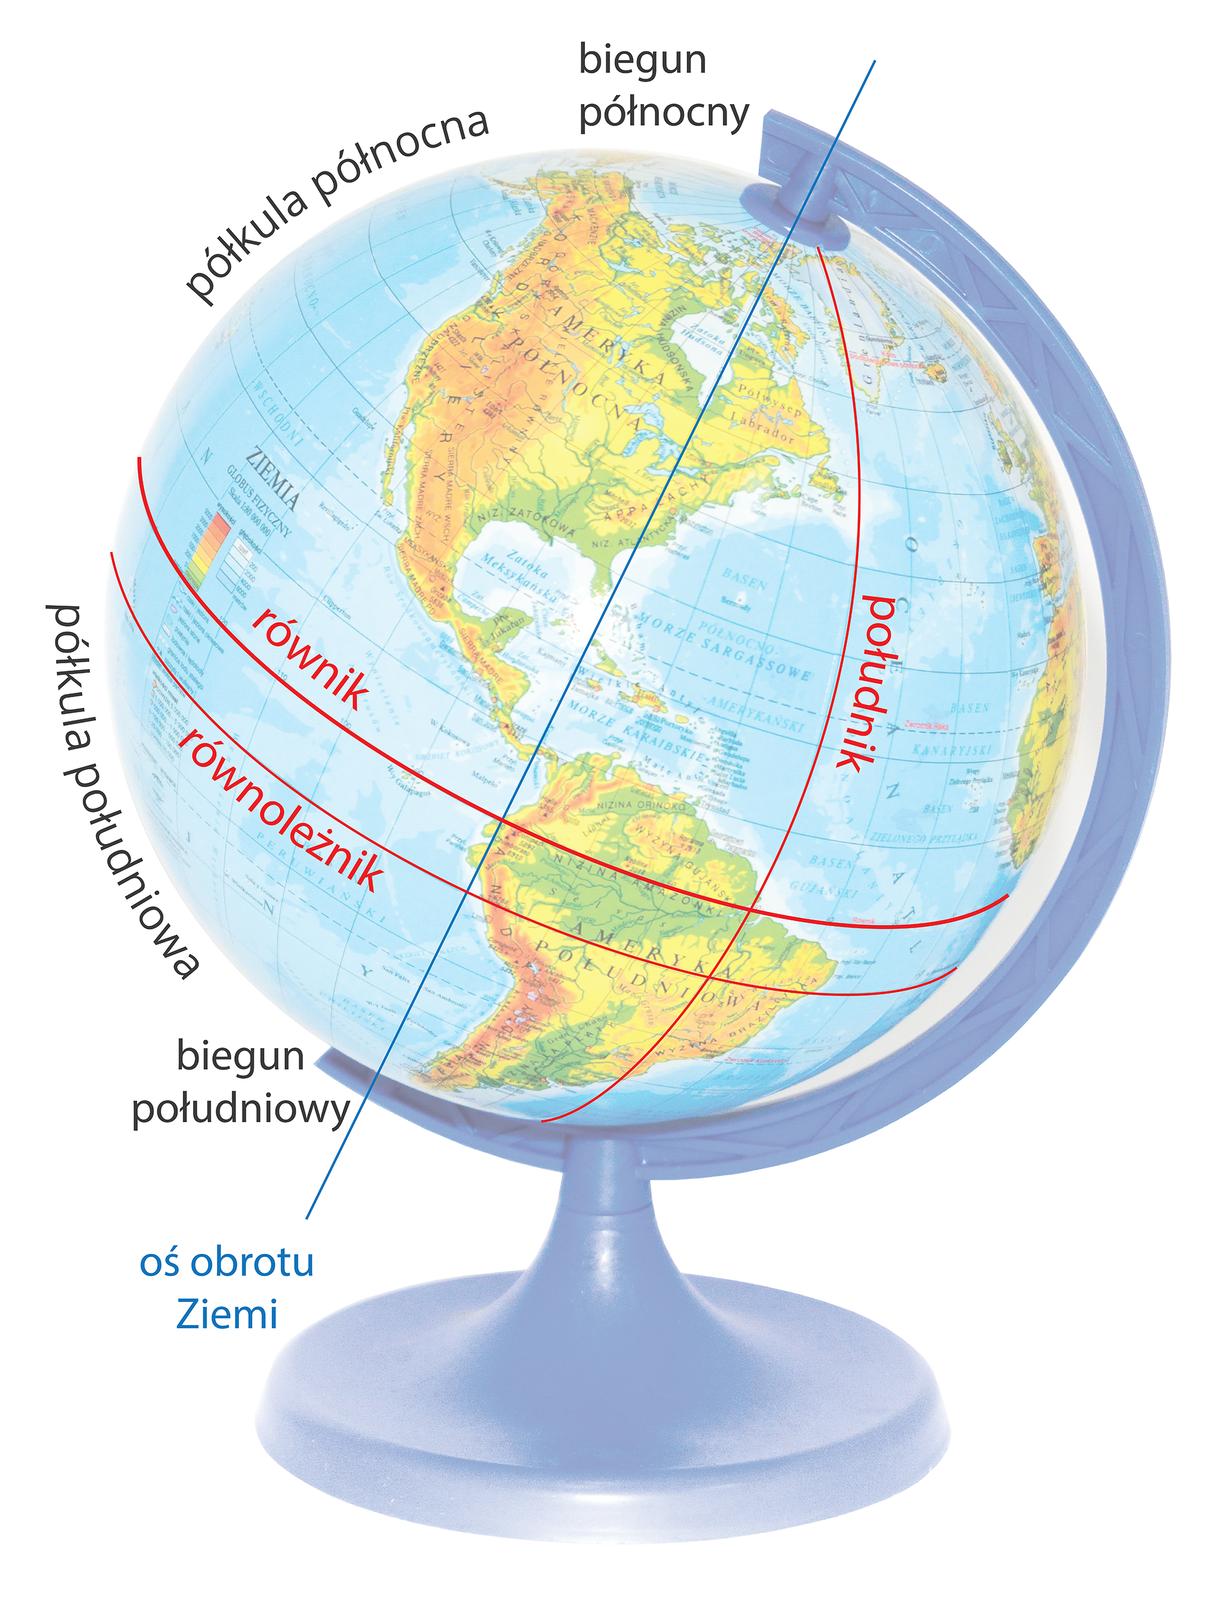 Siatka geograficzna